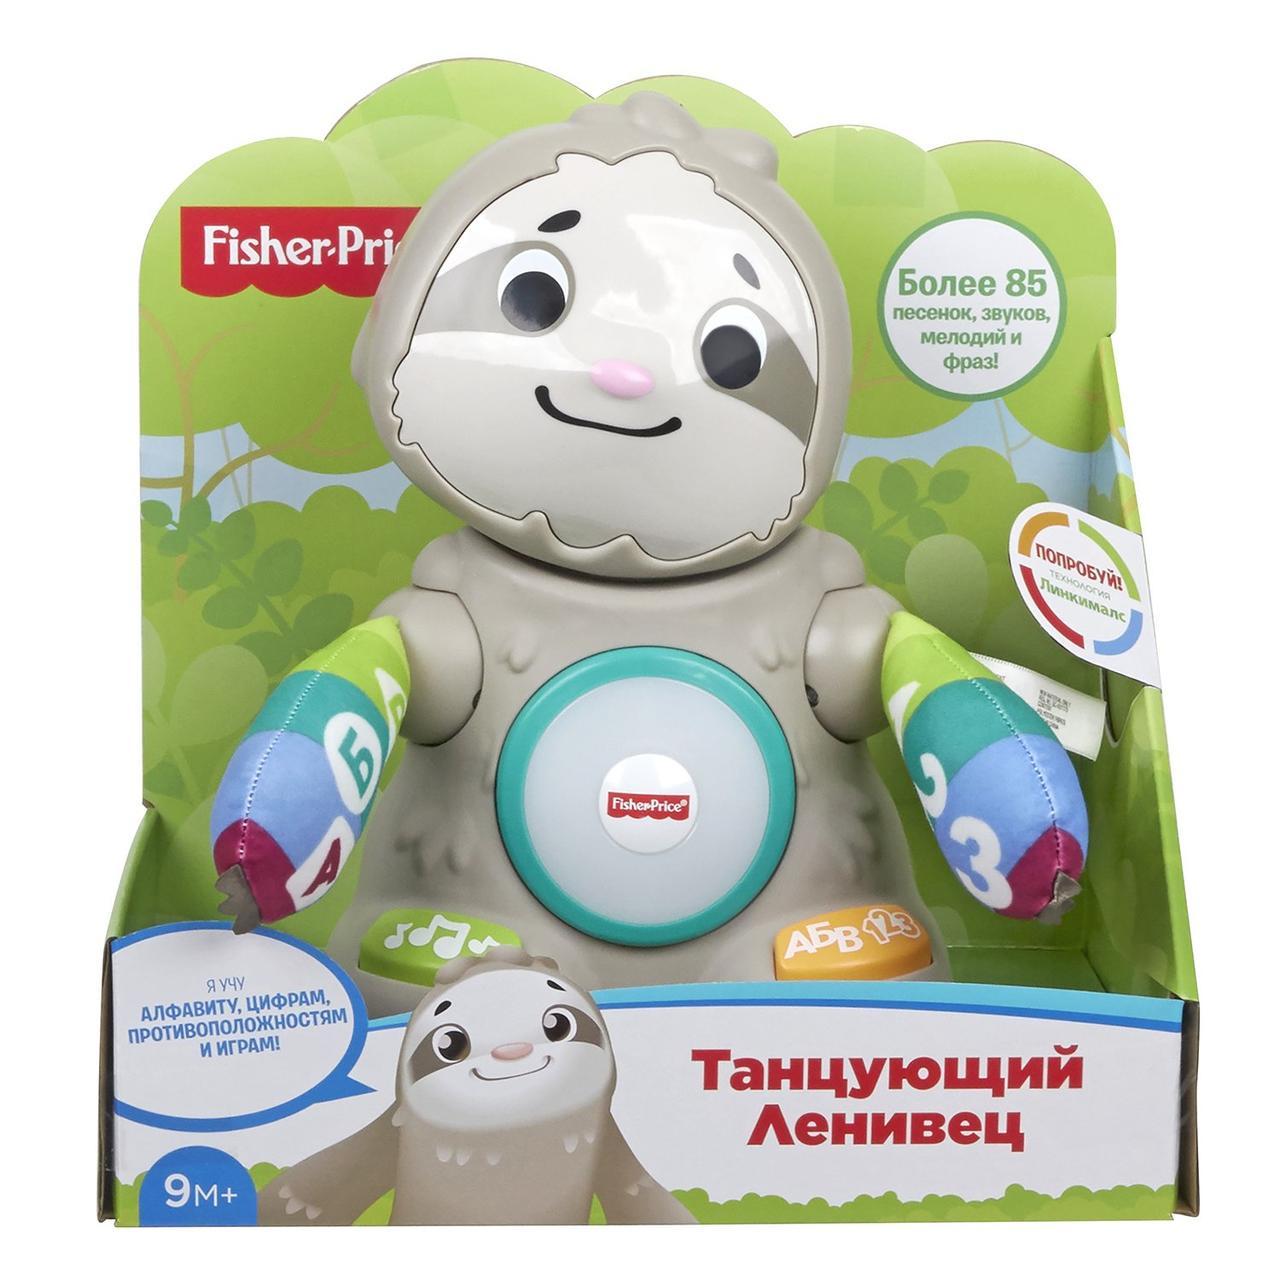 """Fisher-price Музыкальная танцующая игрушка """"Ленивец"""" (свет, звук, движение)"""